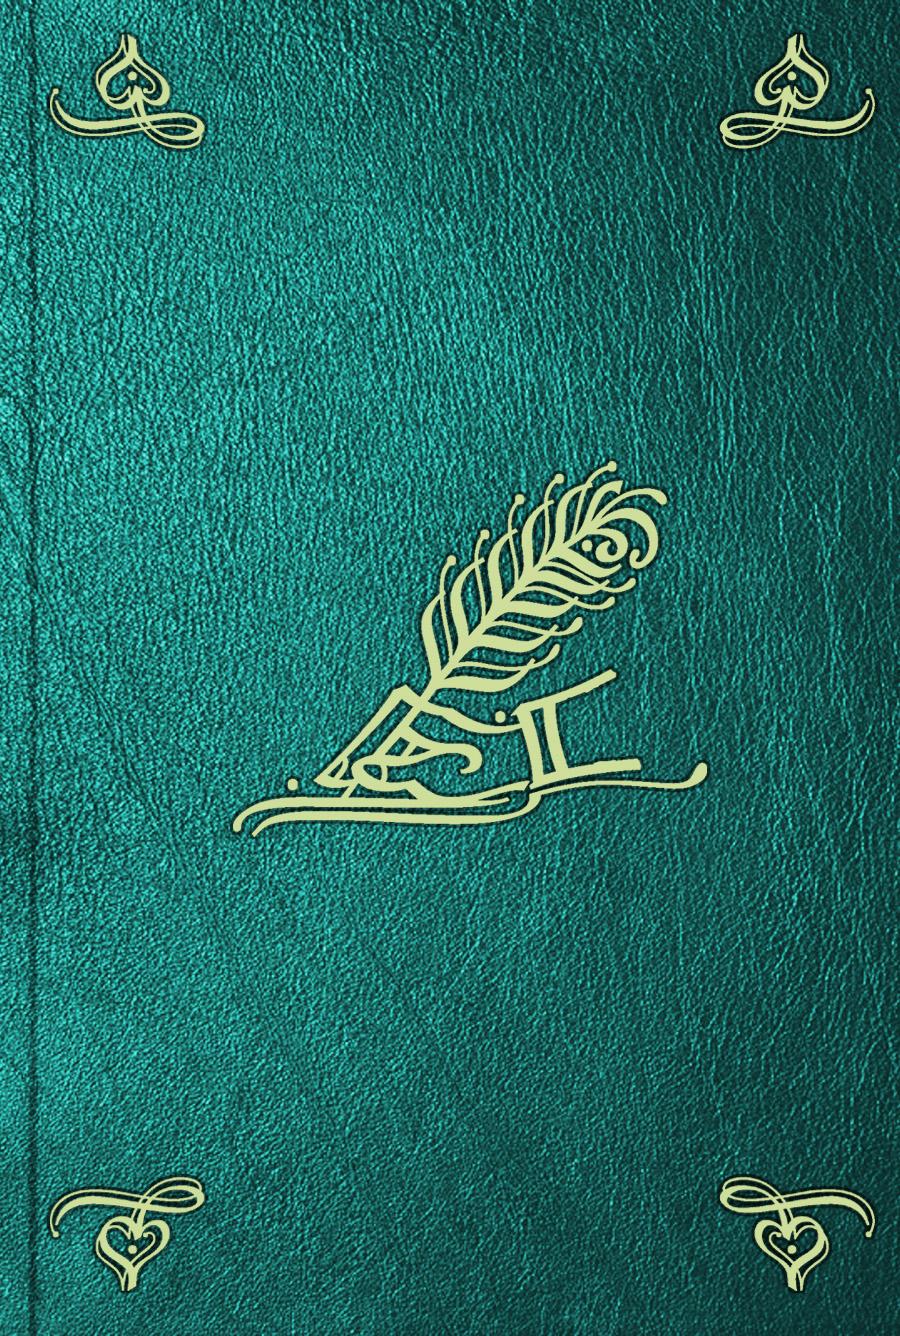 Отсутствует L'hermite en Irlande. T. 2 dicuil recherches geographiques et critiques sur le livre de mensura orbis terrae compose en irlande au commencement du neuvieme siecle french edition